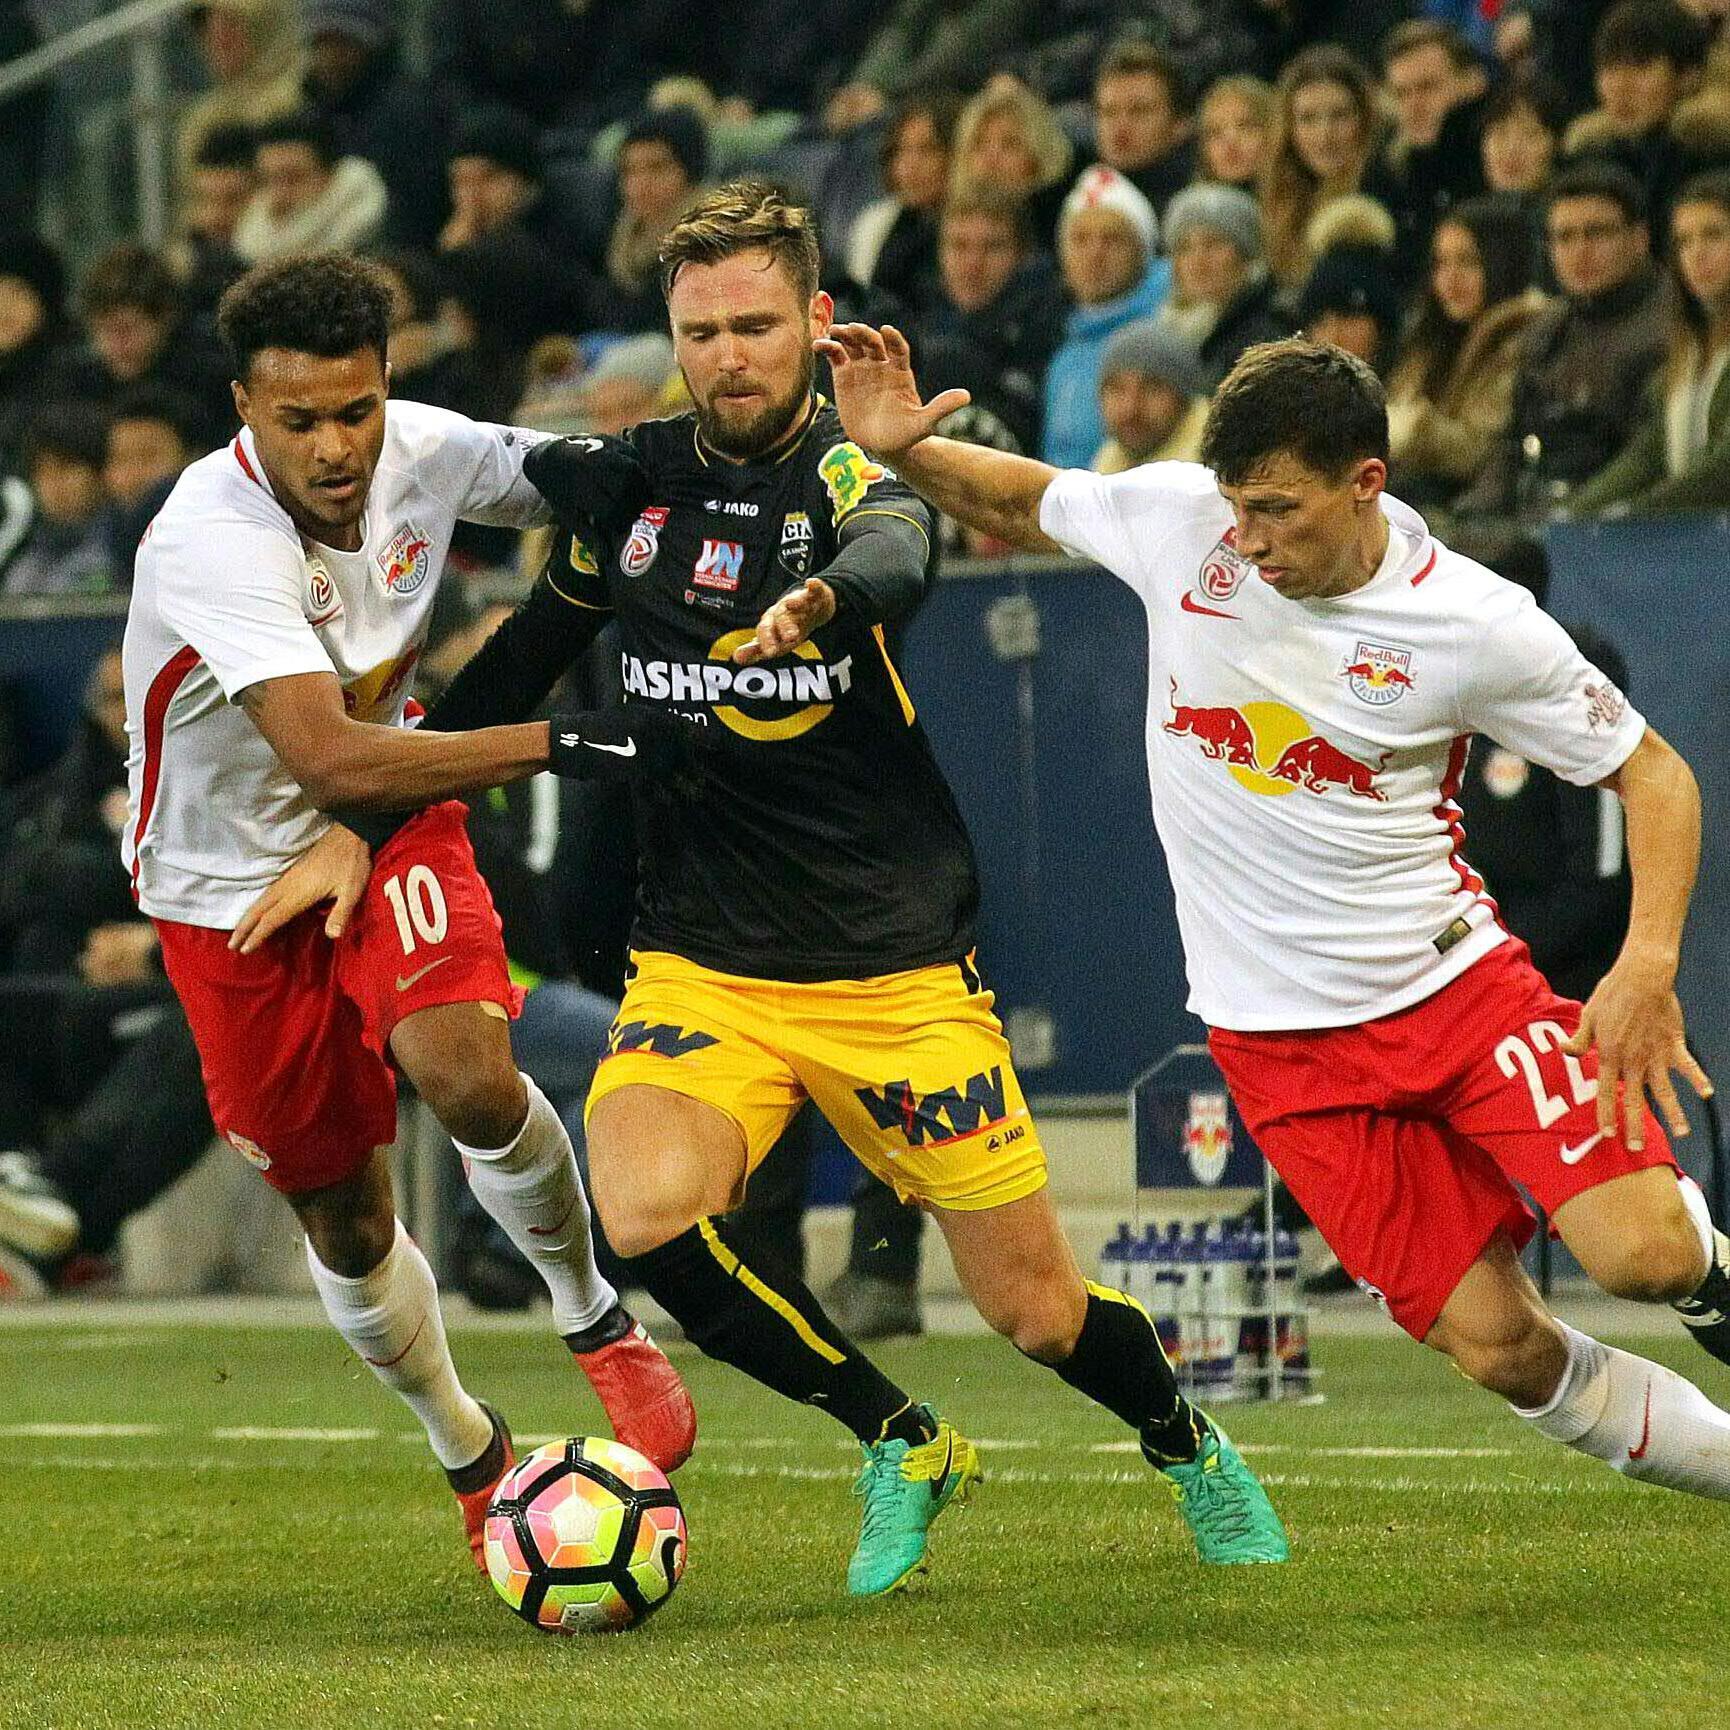 LIVE-Ticker zum Spiel SCR Altach gegen Red Bull Salzburg ab 16.30 Uhr.